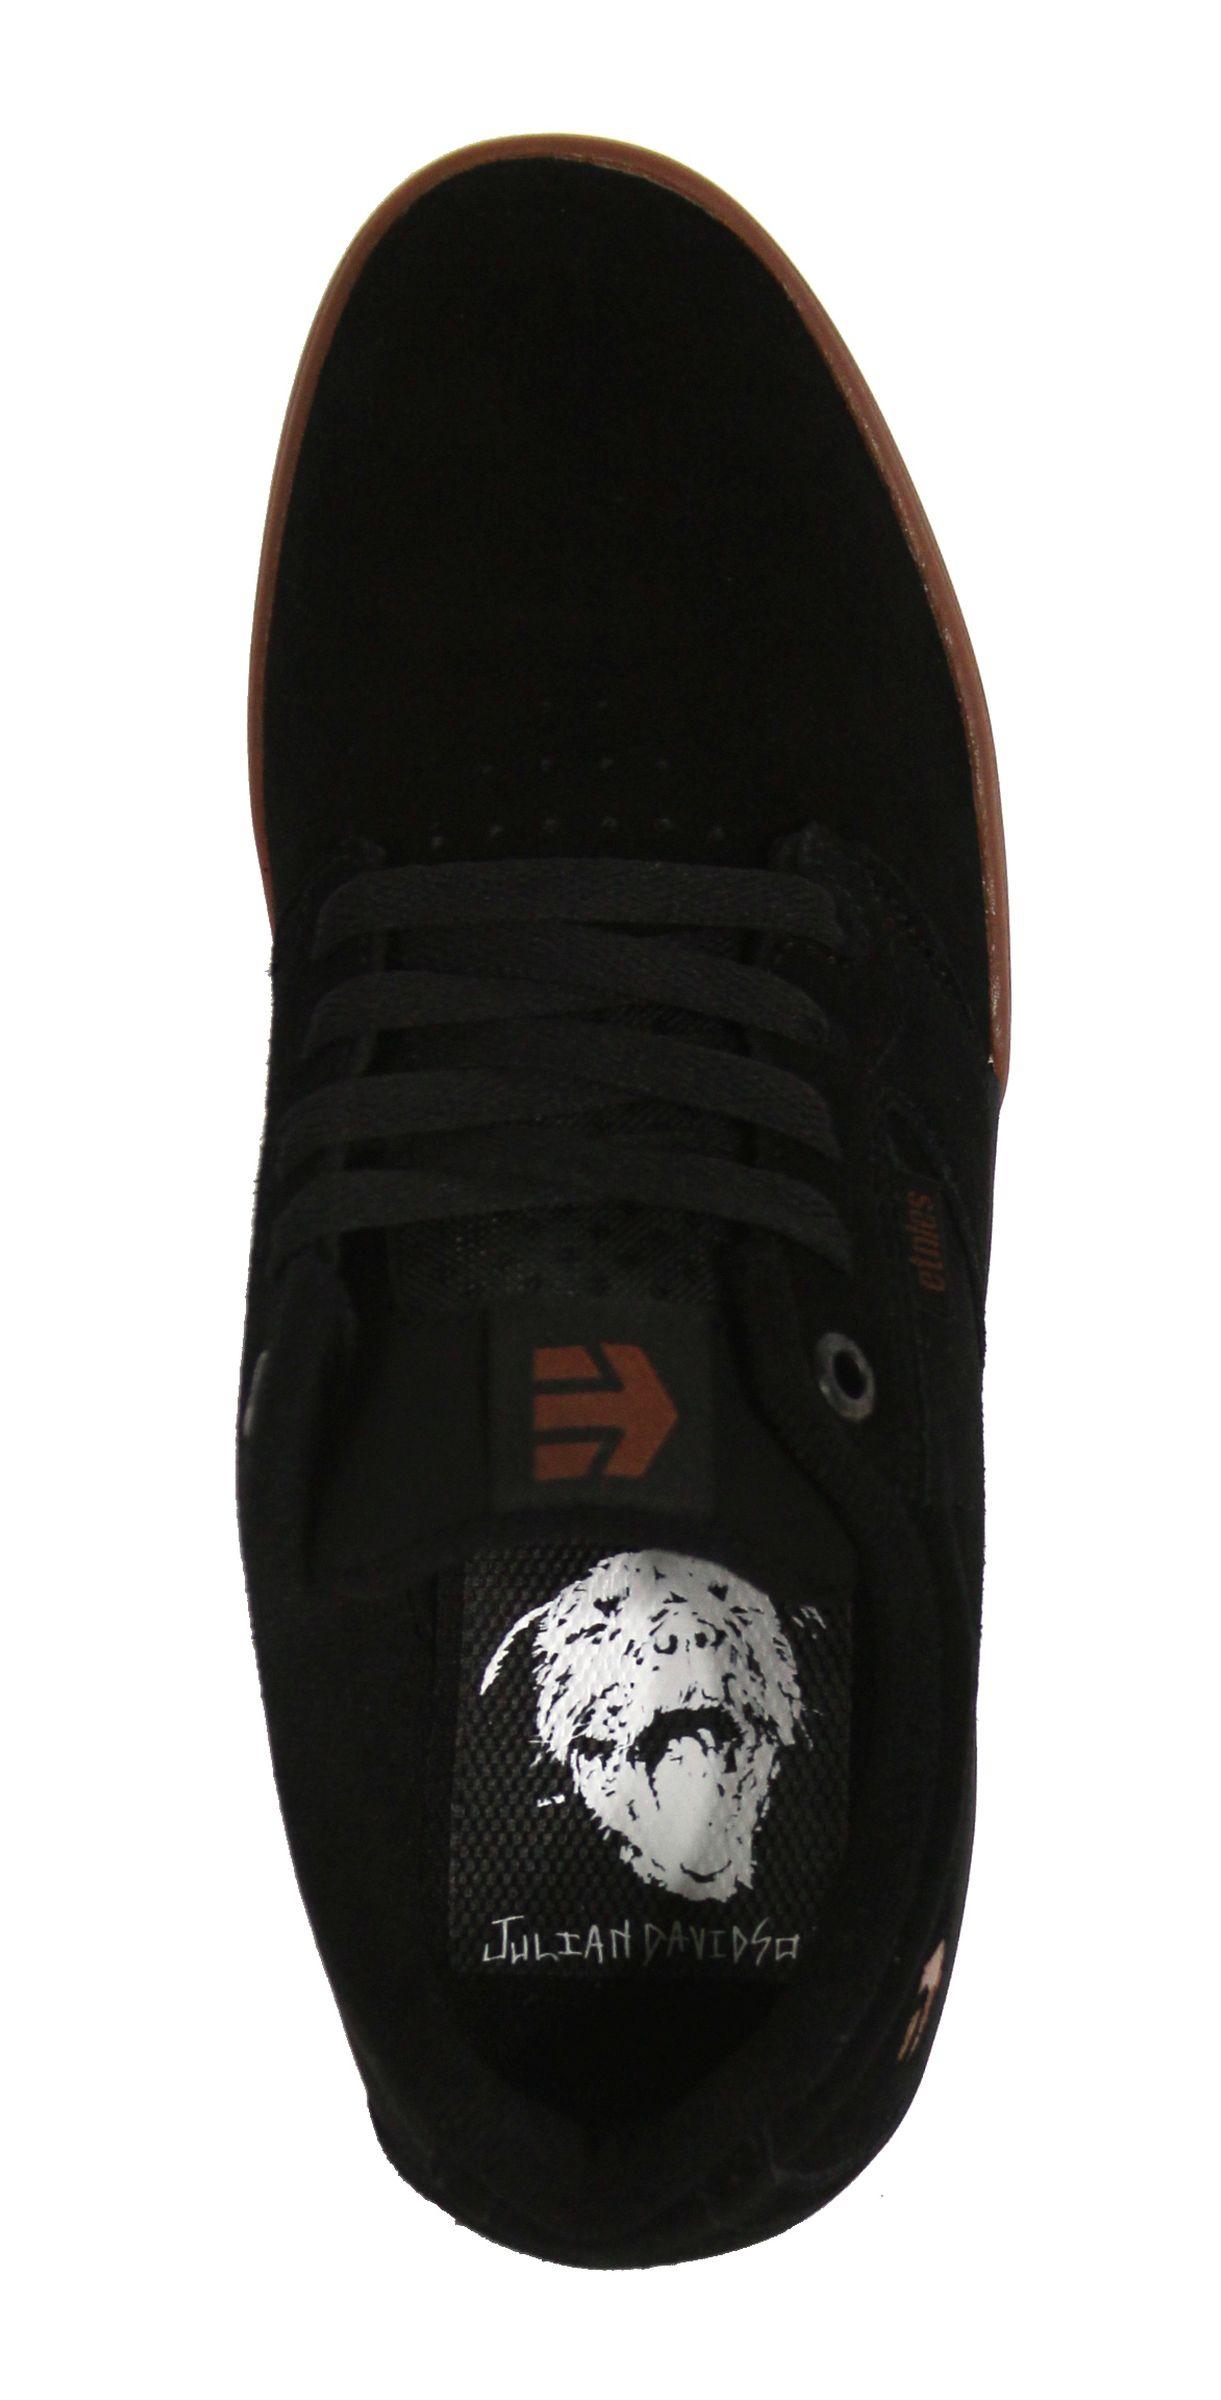 Buty Etnies Jameson E Lite (Black / Gum) Sp16